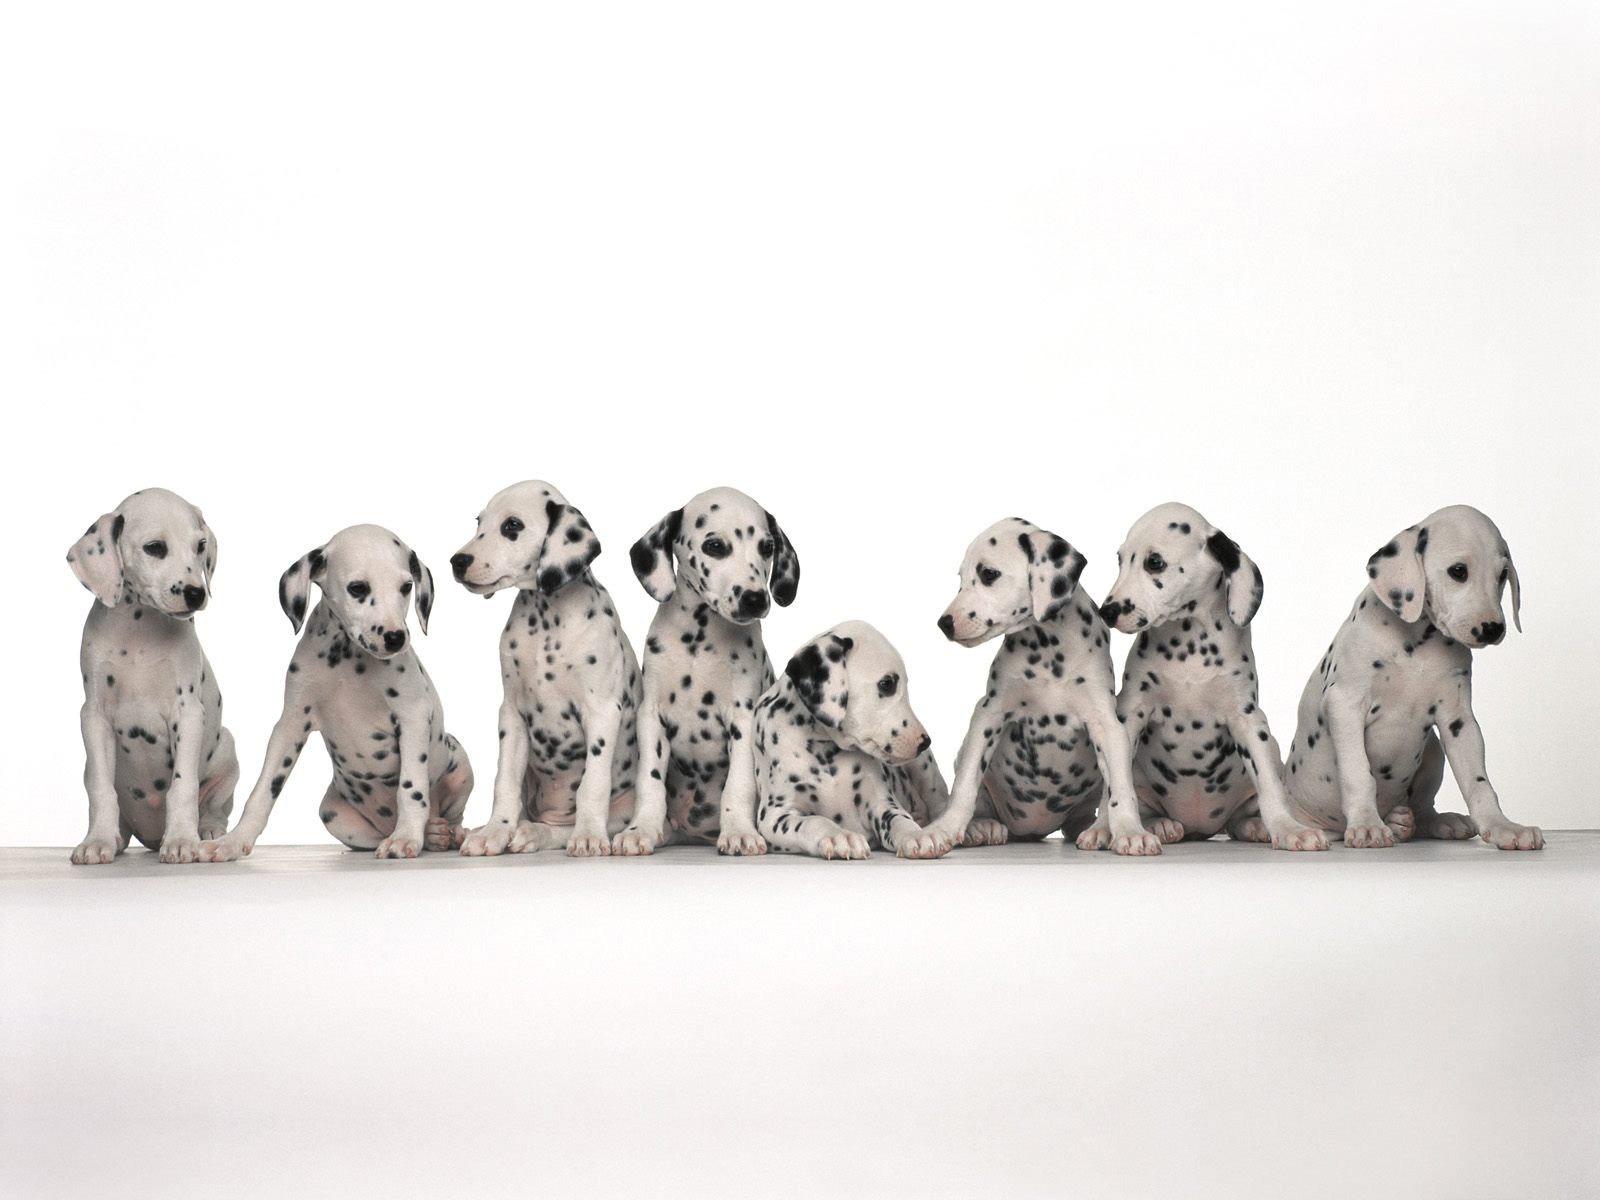 Dalmatian puppies wallpaper